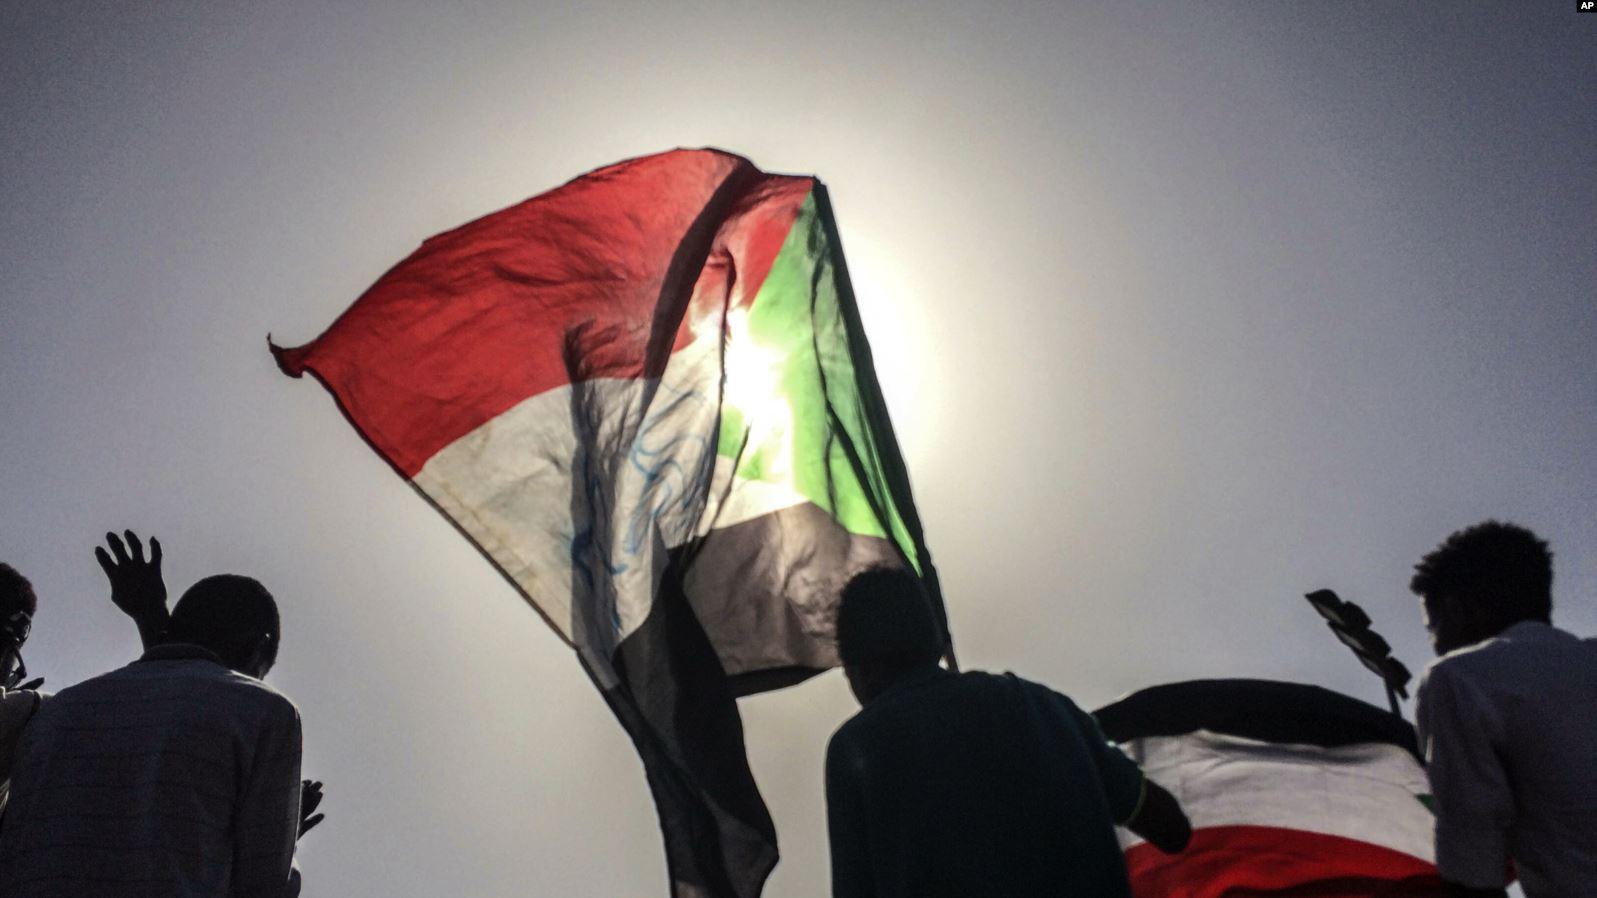 بهشێكی هاوڵاتیان و حزبهكانی سودان دژی ئاساییكردنهوهی پهیوهندیهكانن لهگهڵ ئیسرائیل